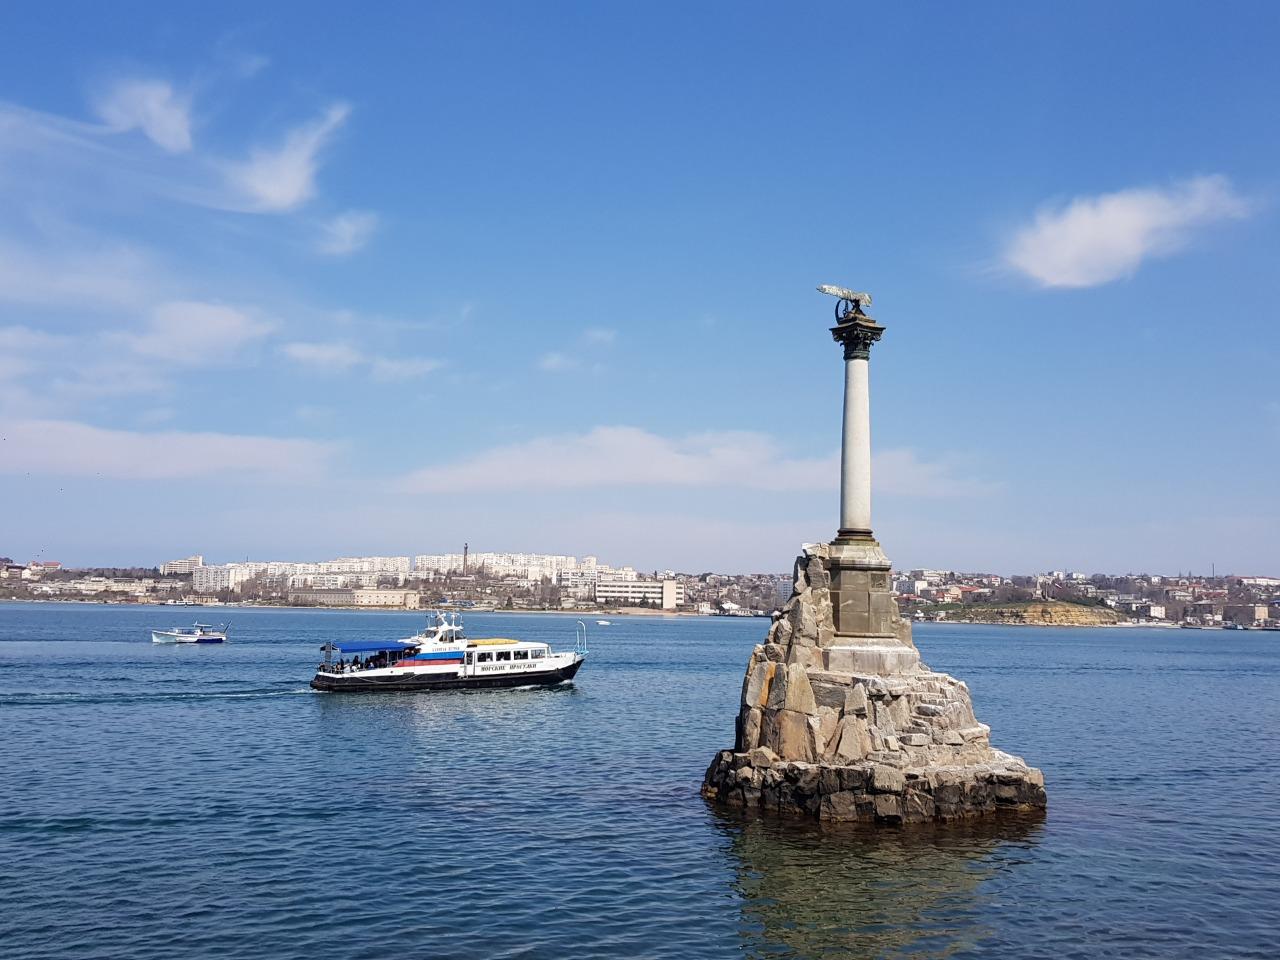 Севастополь и Балаклава - индивидуальная экскурсия в Севастополе от опытного гида